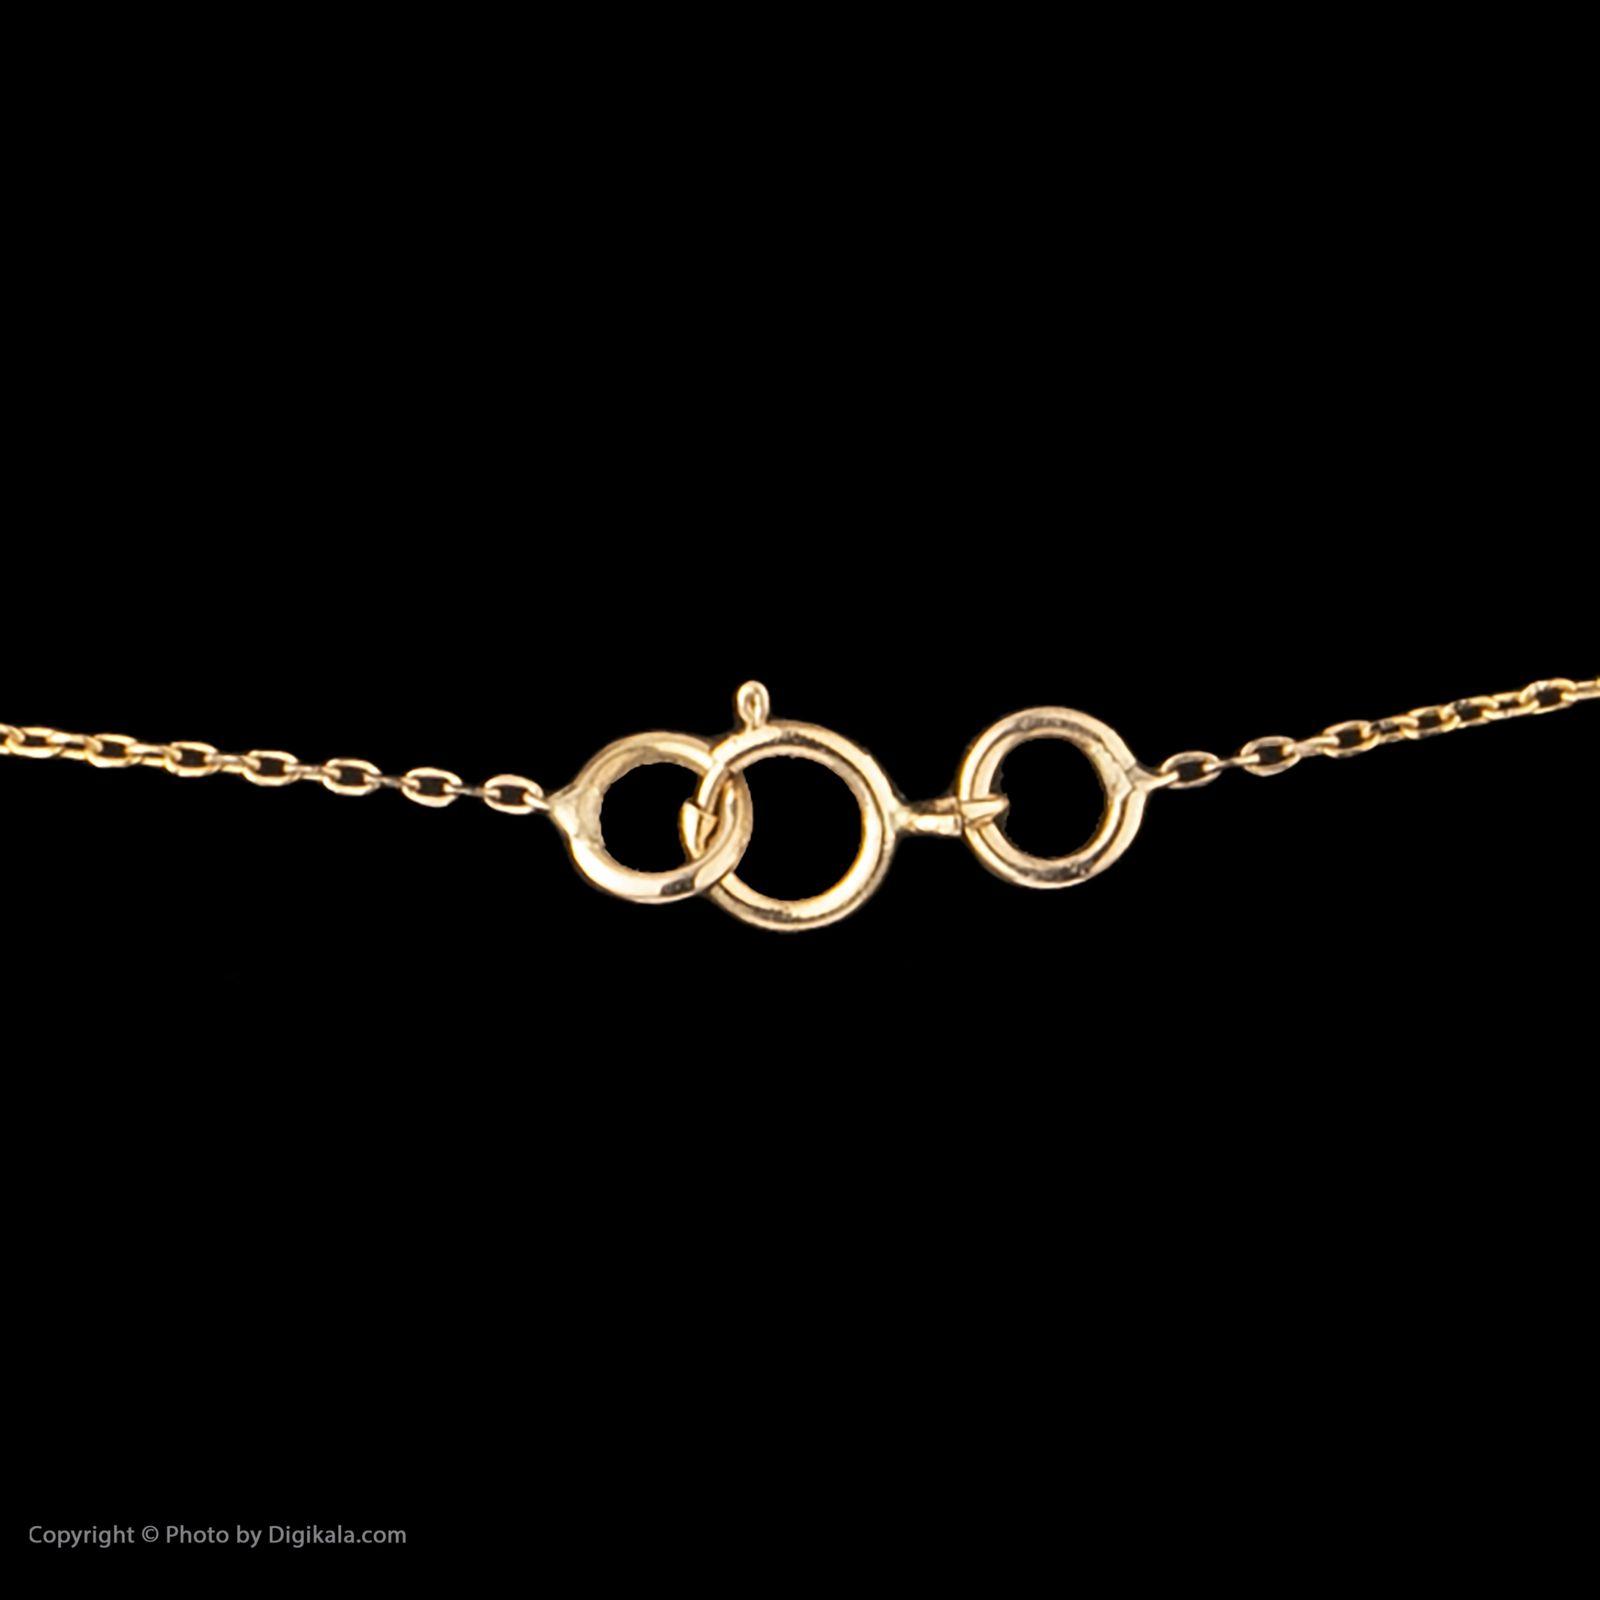 گردنبند طلا 18 عیار زنانه سنجاق مدل X081807 -  - 4